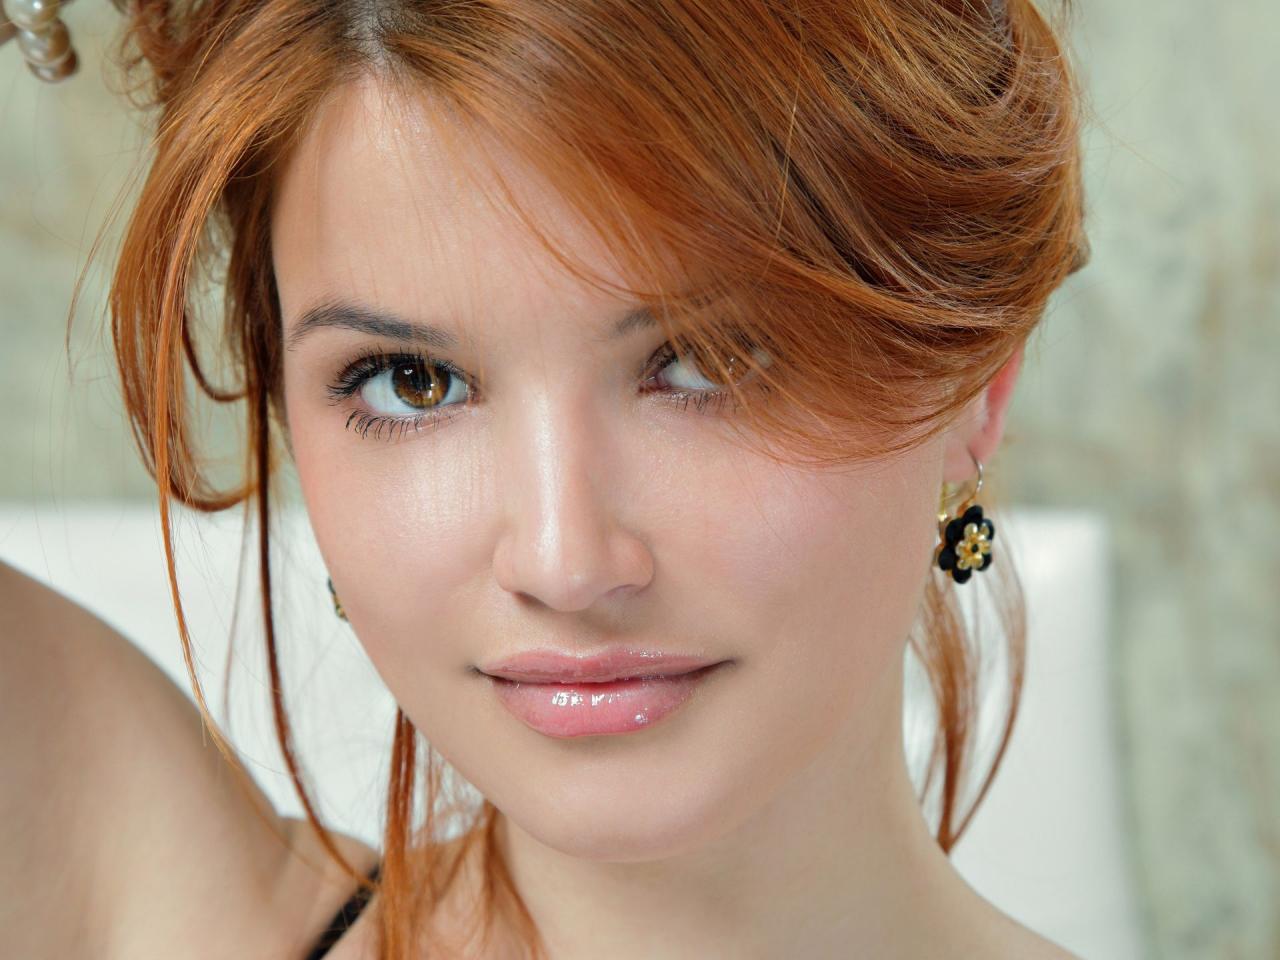 صورة اجمال نساء في العالم , الصفات التى تتميز بهم اجمل النساء